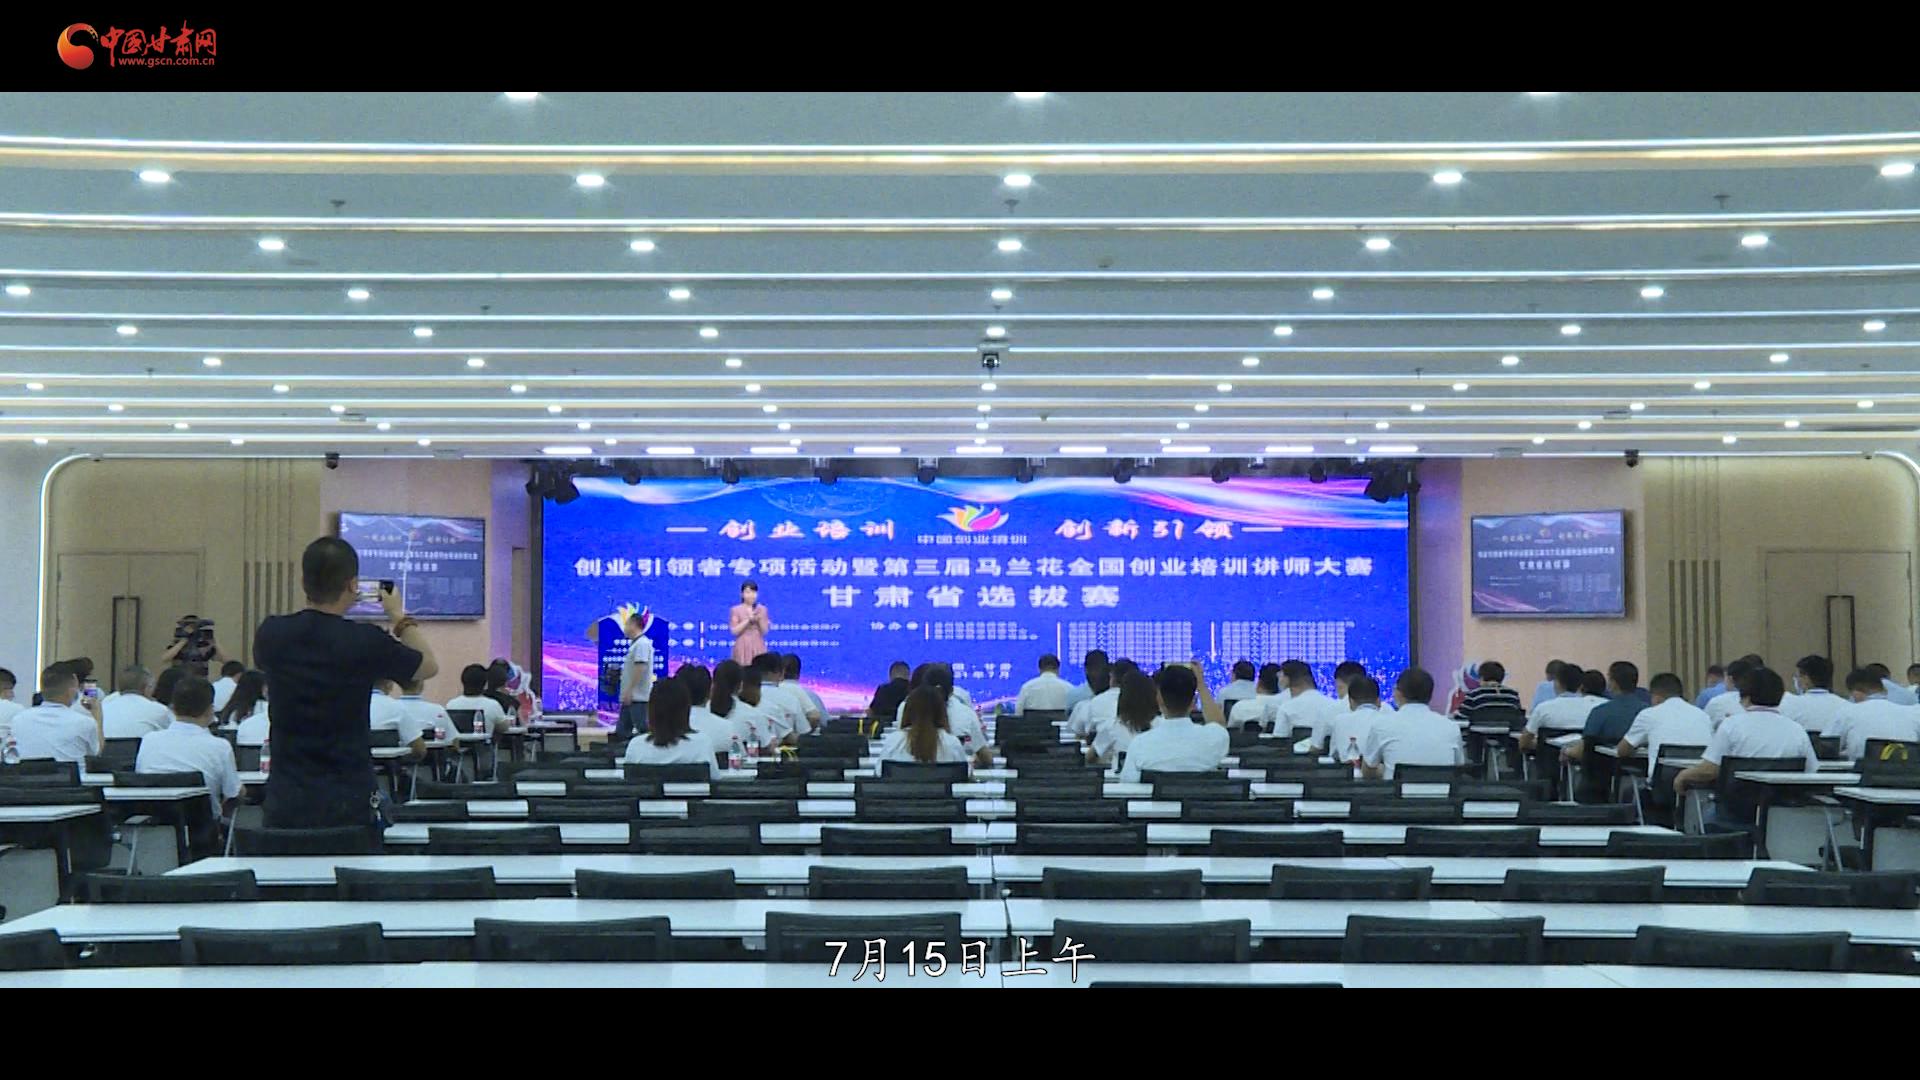 创业引领者专项活动暨第三届马兰花全国创业培训讲师大赛甘肃省选拔赛开赛(视频)